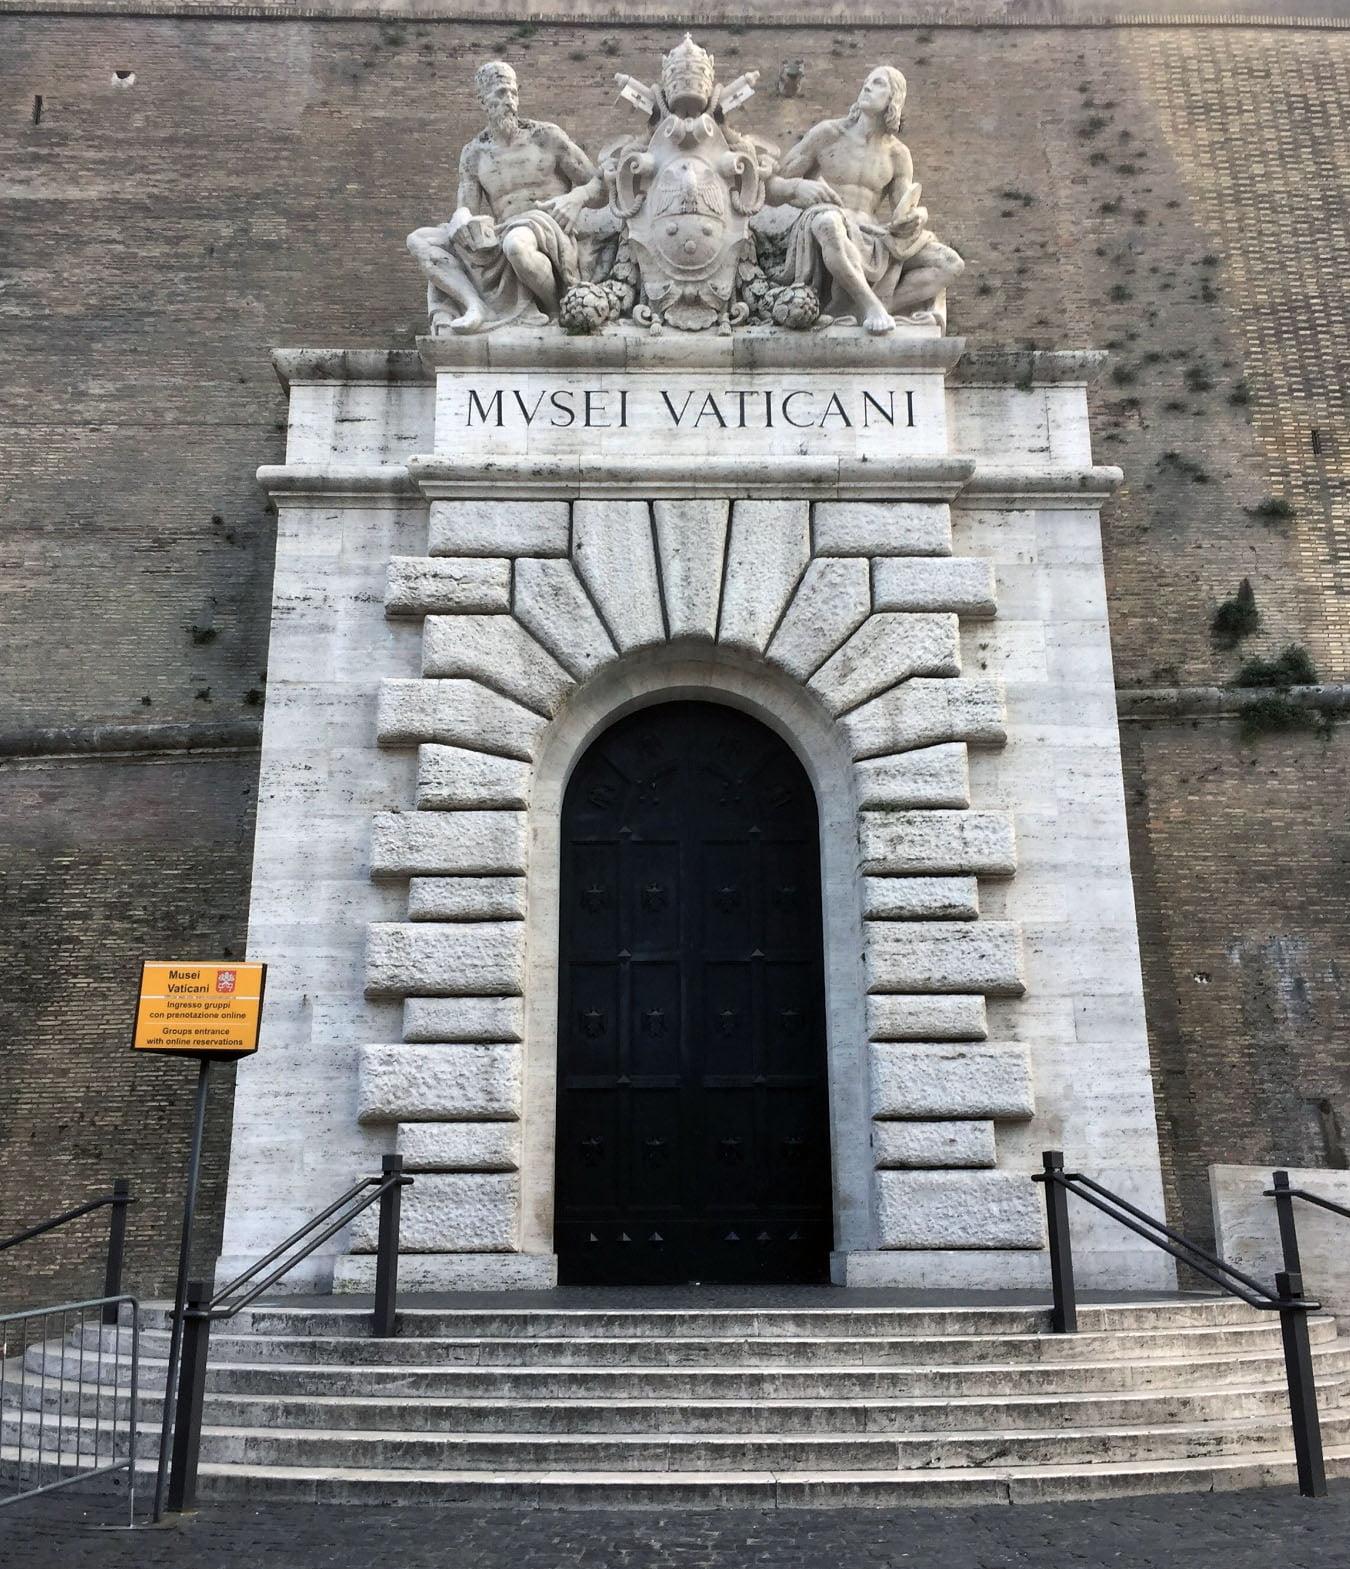 Vatikan_Vatikanski_muzeji_obilazak_sa_lokalnim_vodicem_akcija_autobusom_evropski